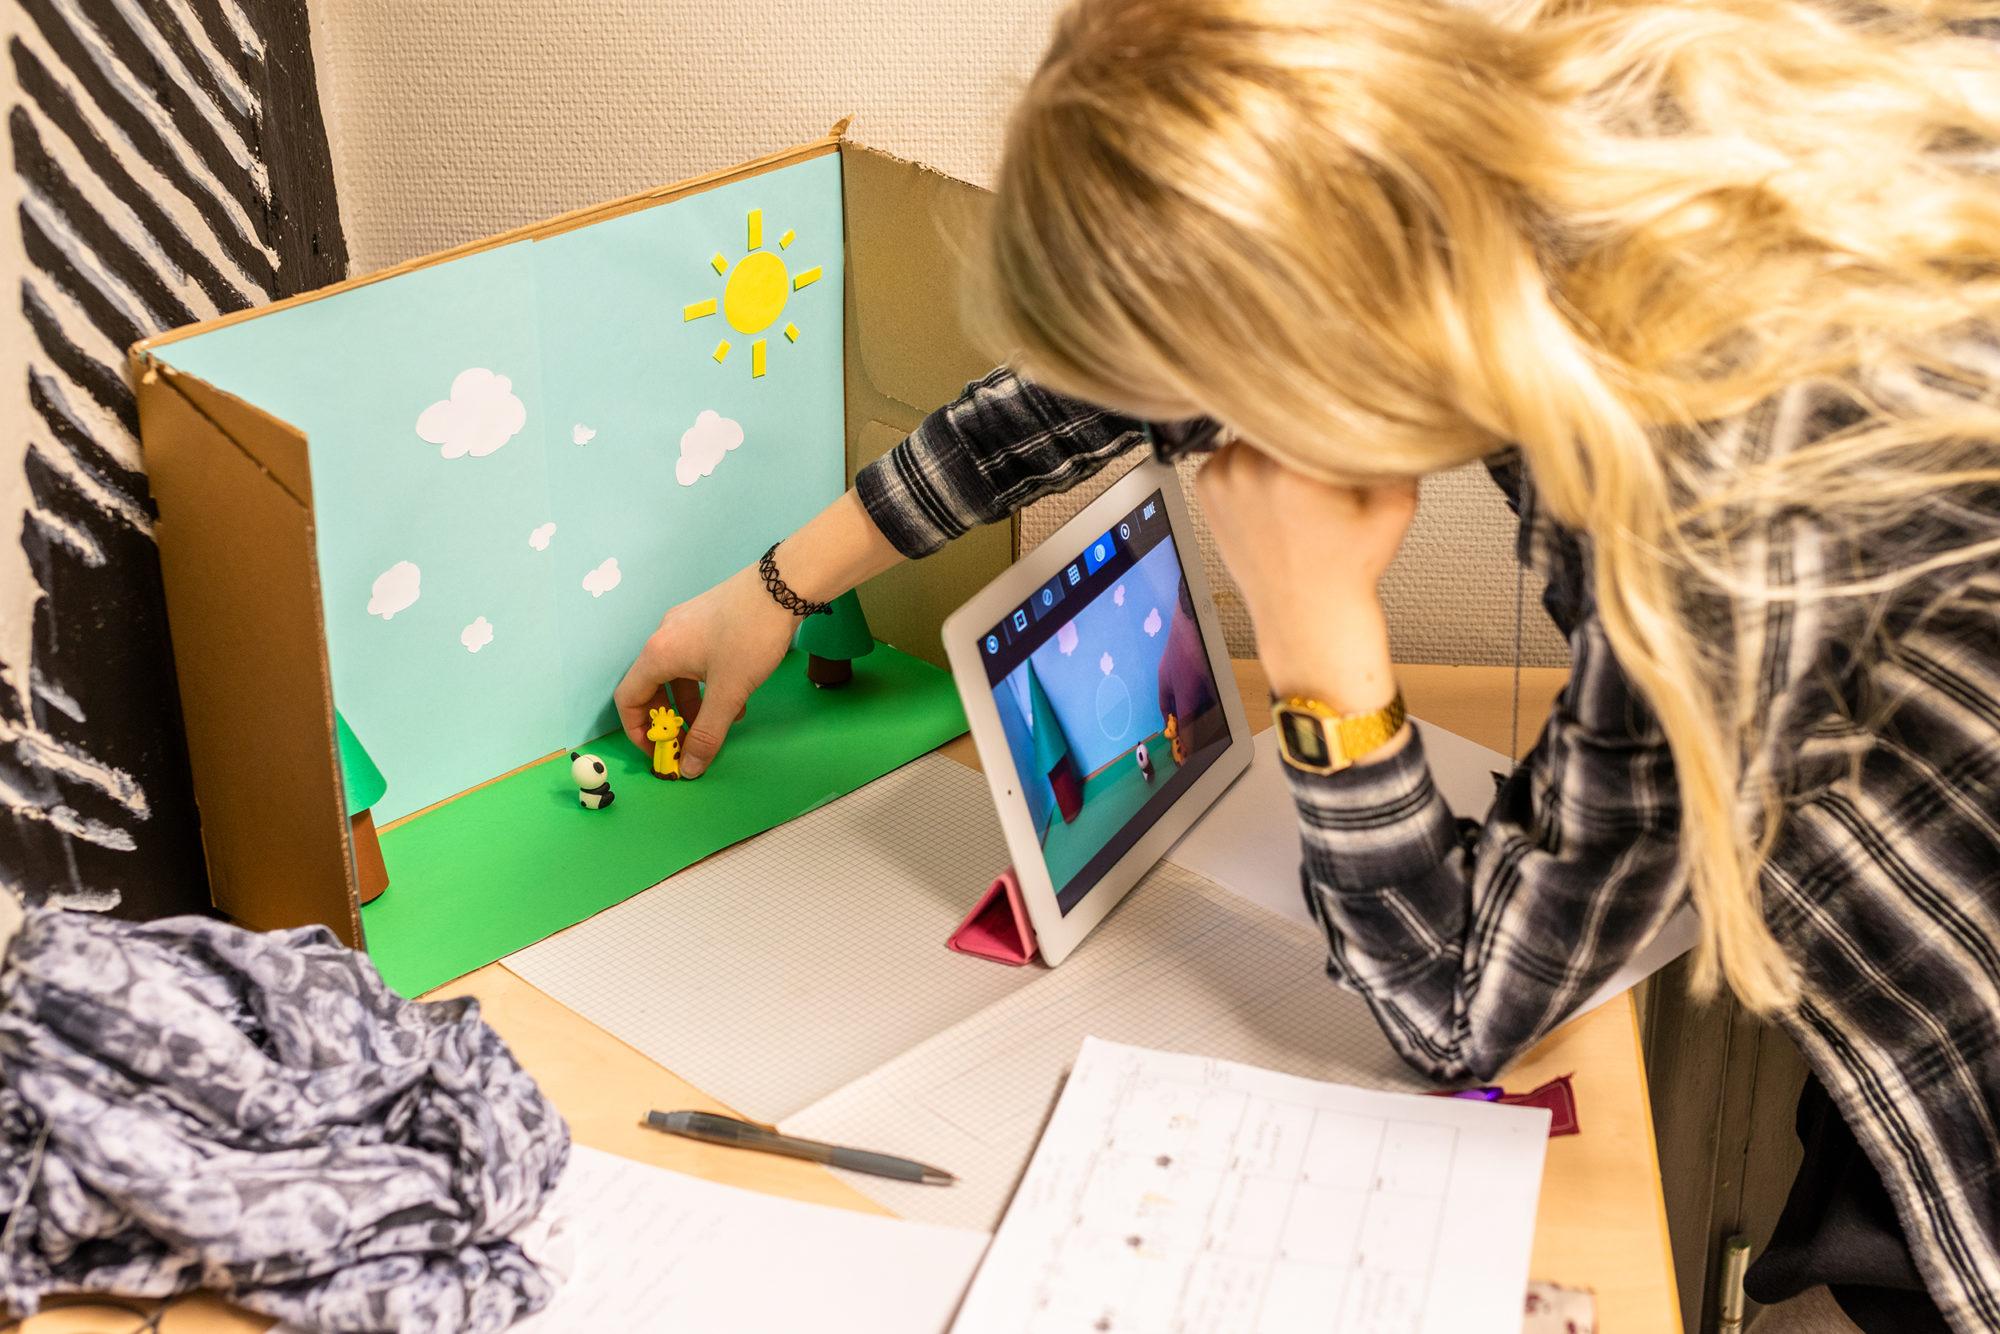 Ungdomsskolejente som animerer på iPad